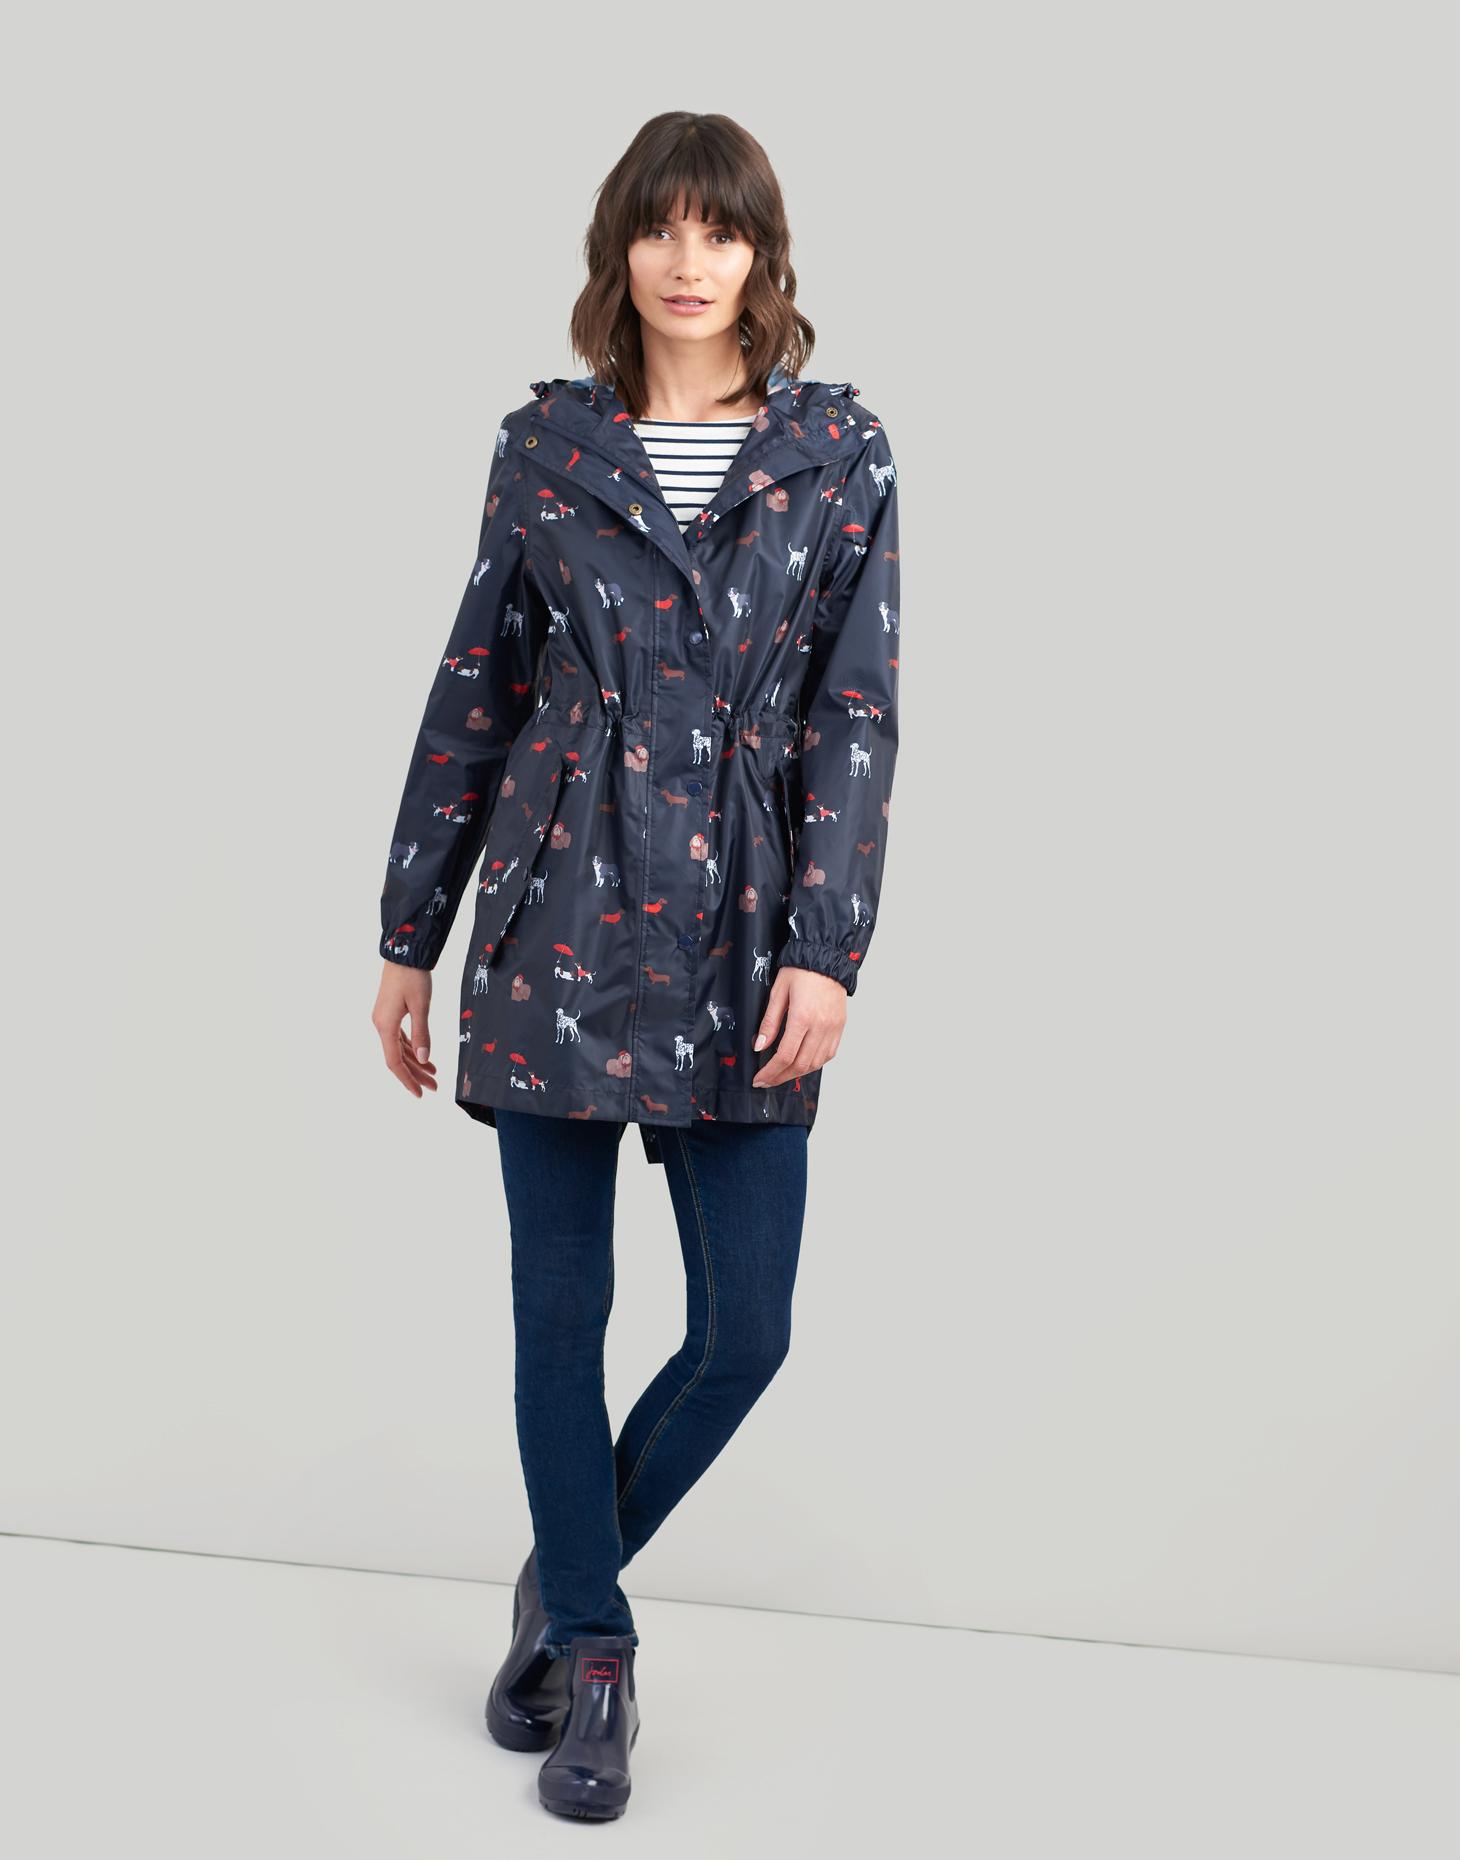 Joules-Golightly-Femme-Imprime-Impermeable-Packaway-veste-bleu-marine-Chiens miniature 4